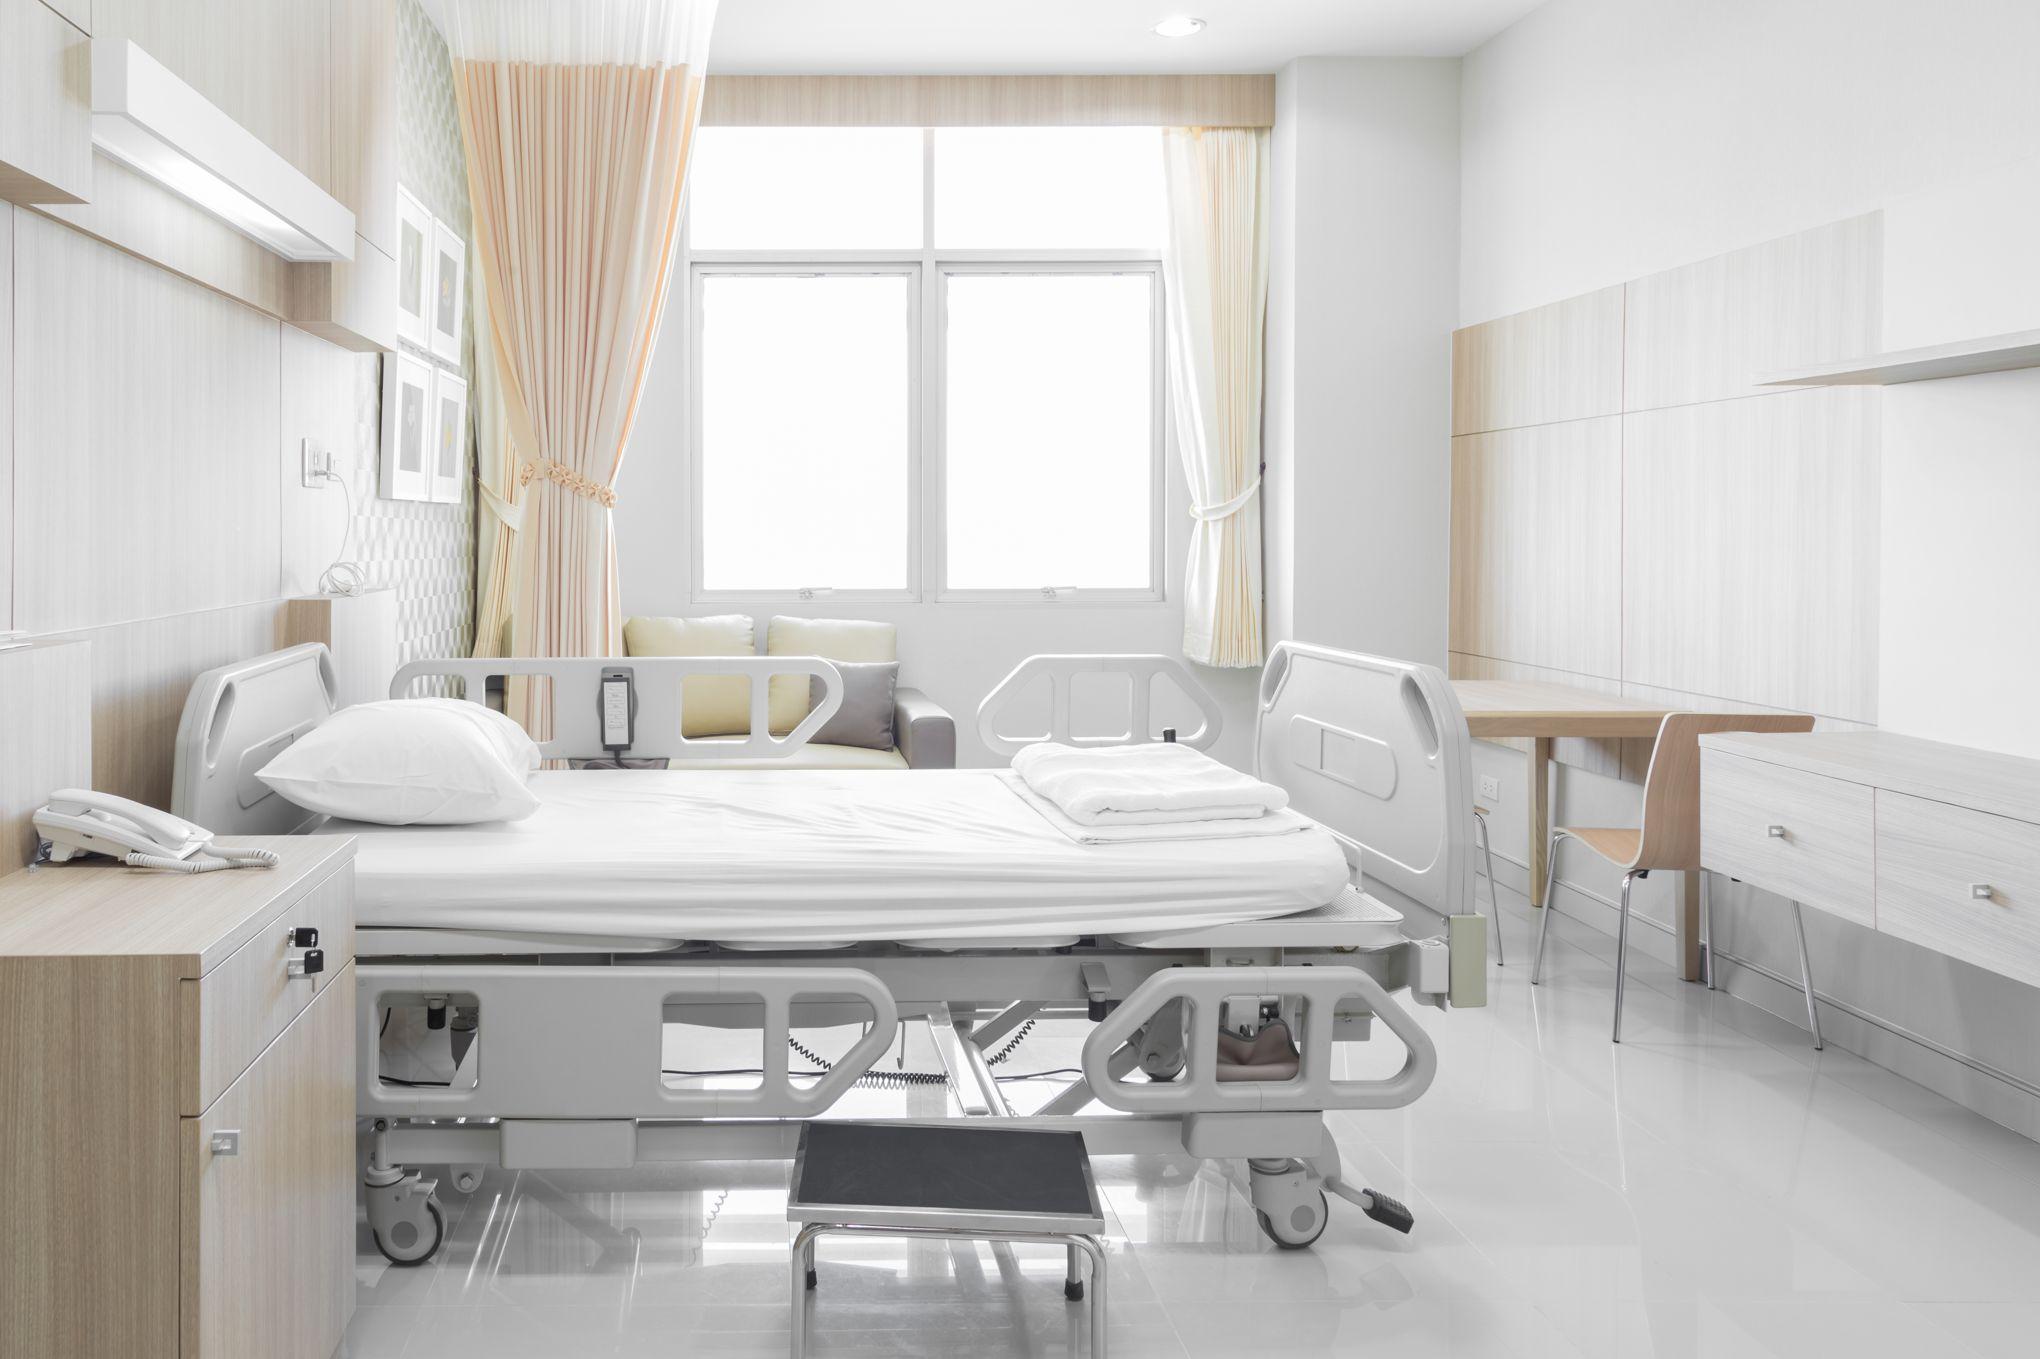 Les coûts réels d'une hospitalisation